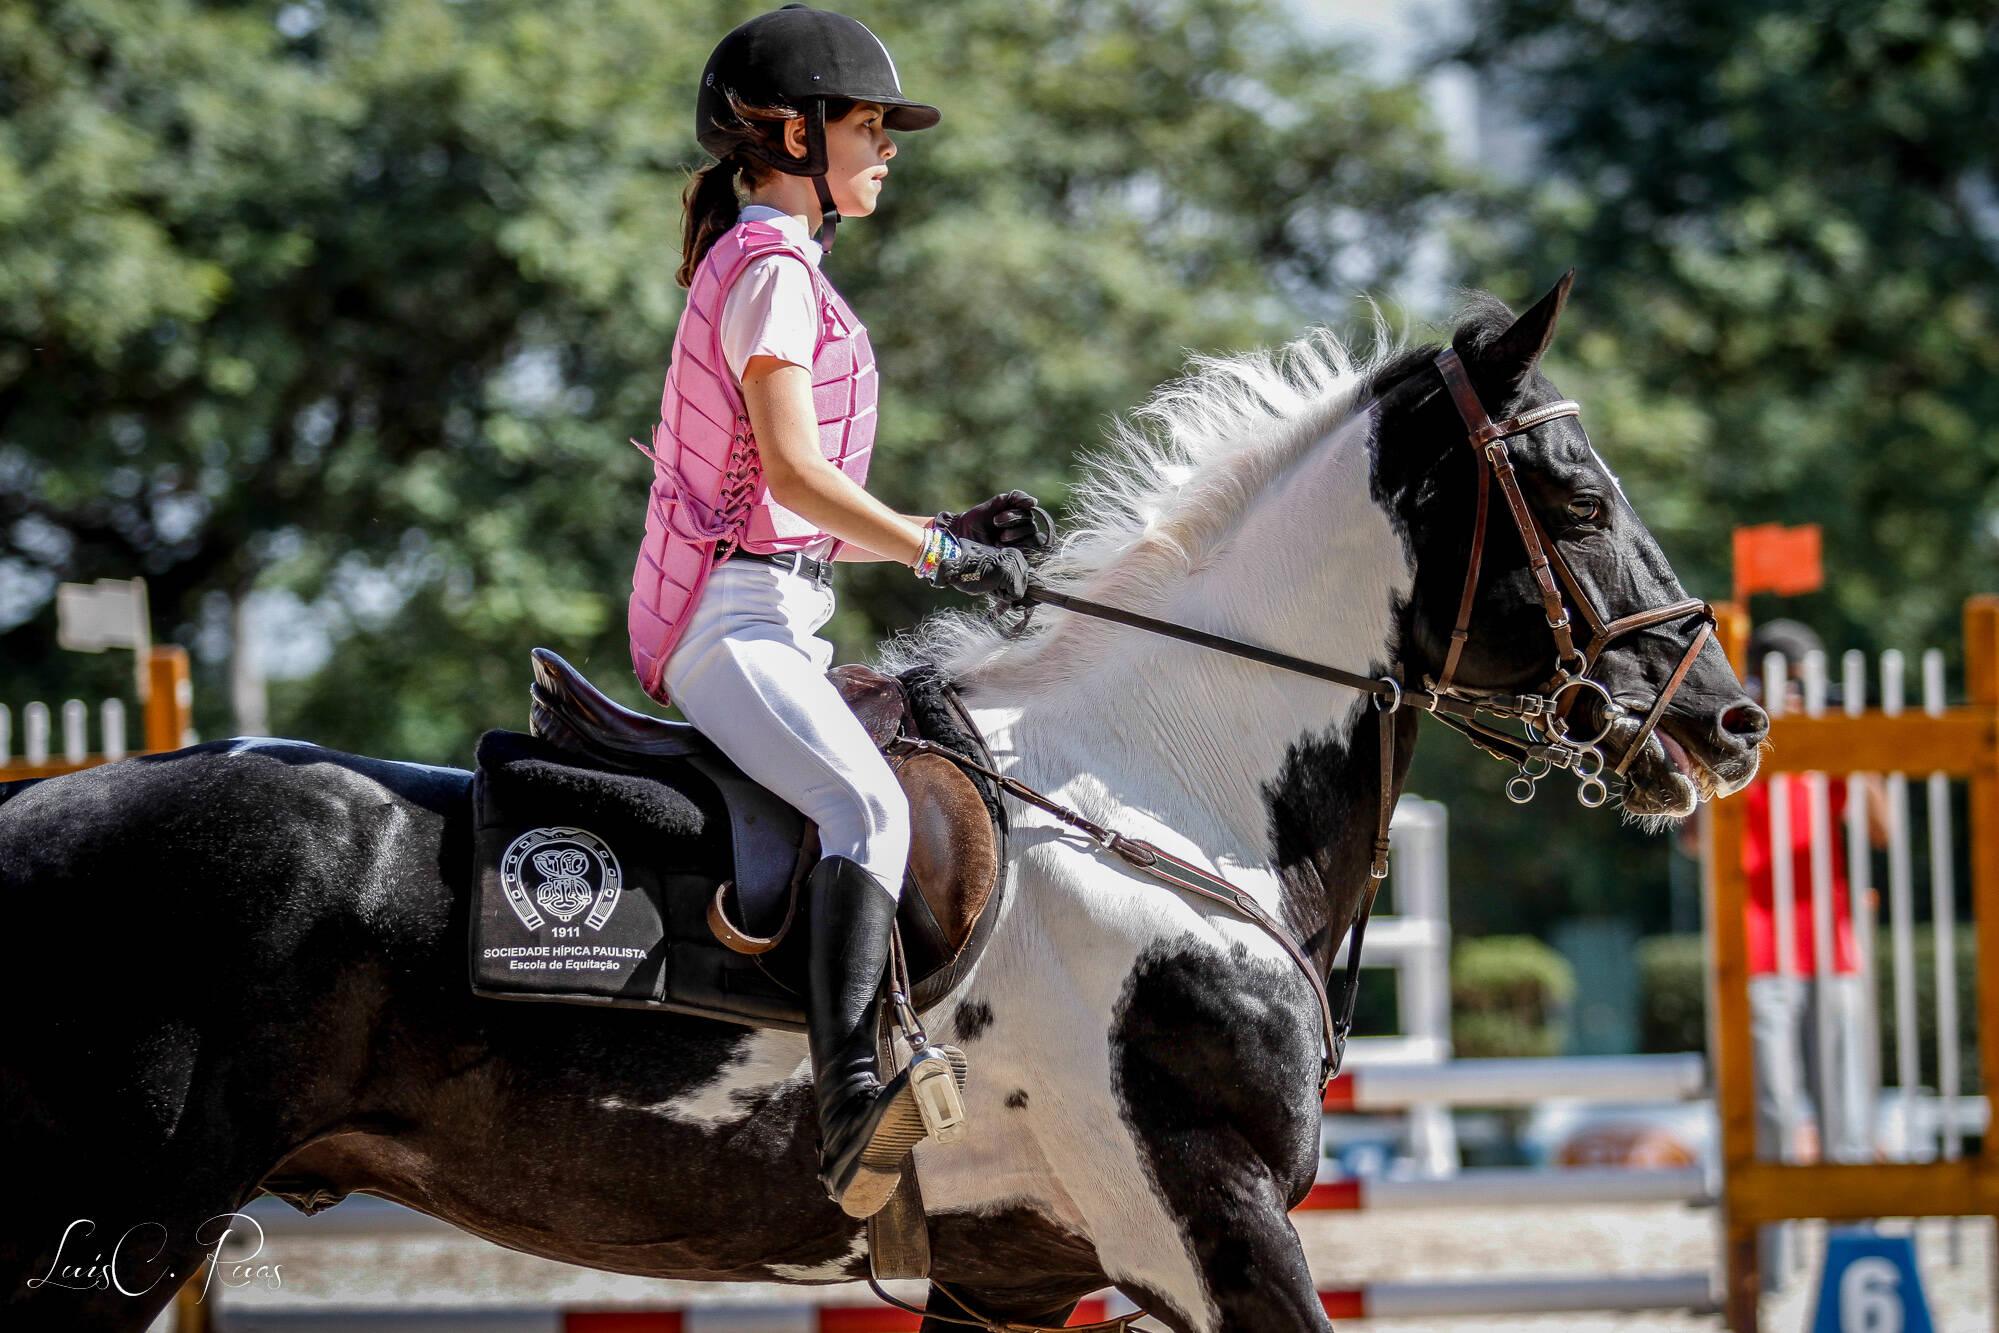 Aluna da escola de salto mostrando seu bom posicionamento no cavalo durante o trote. Foto: Divulgação/Hípica Paulista